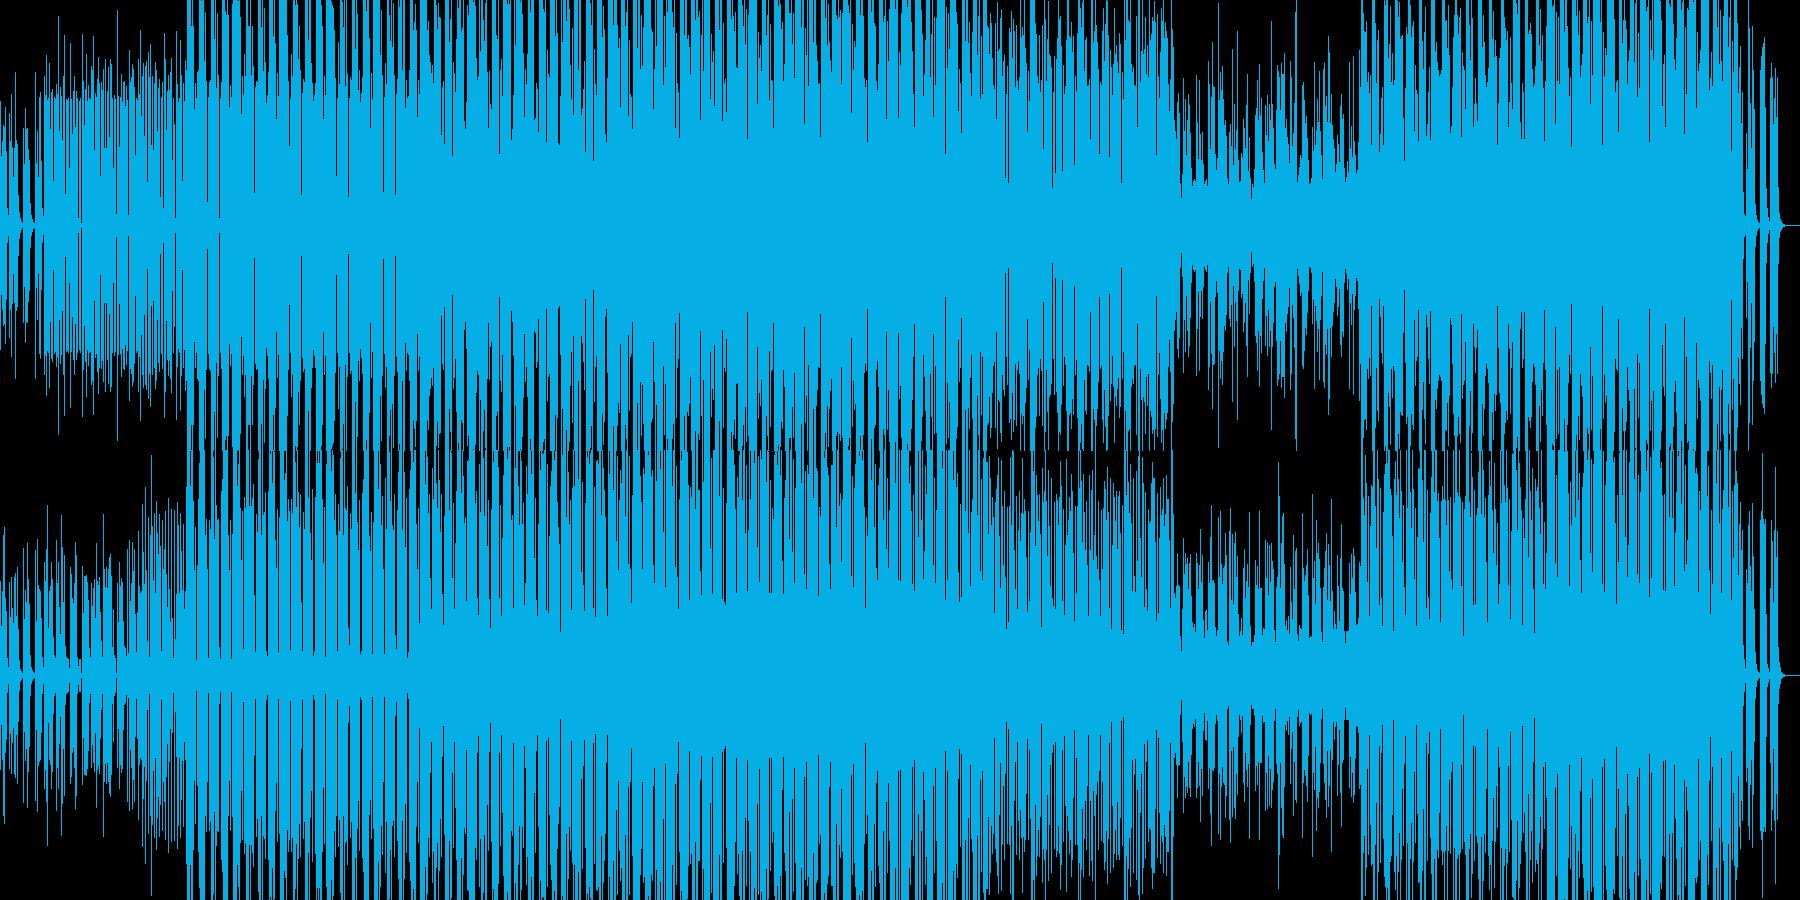 おしゃれな雰囲気のポップなテクノの再生済みの波形